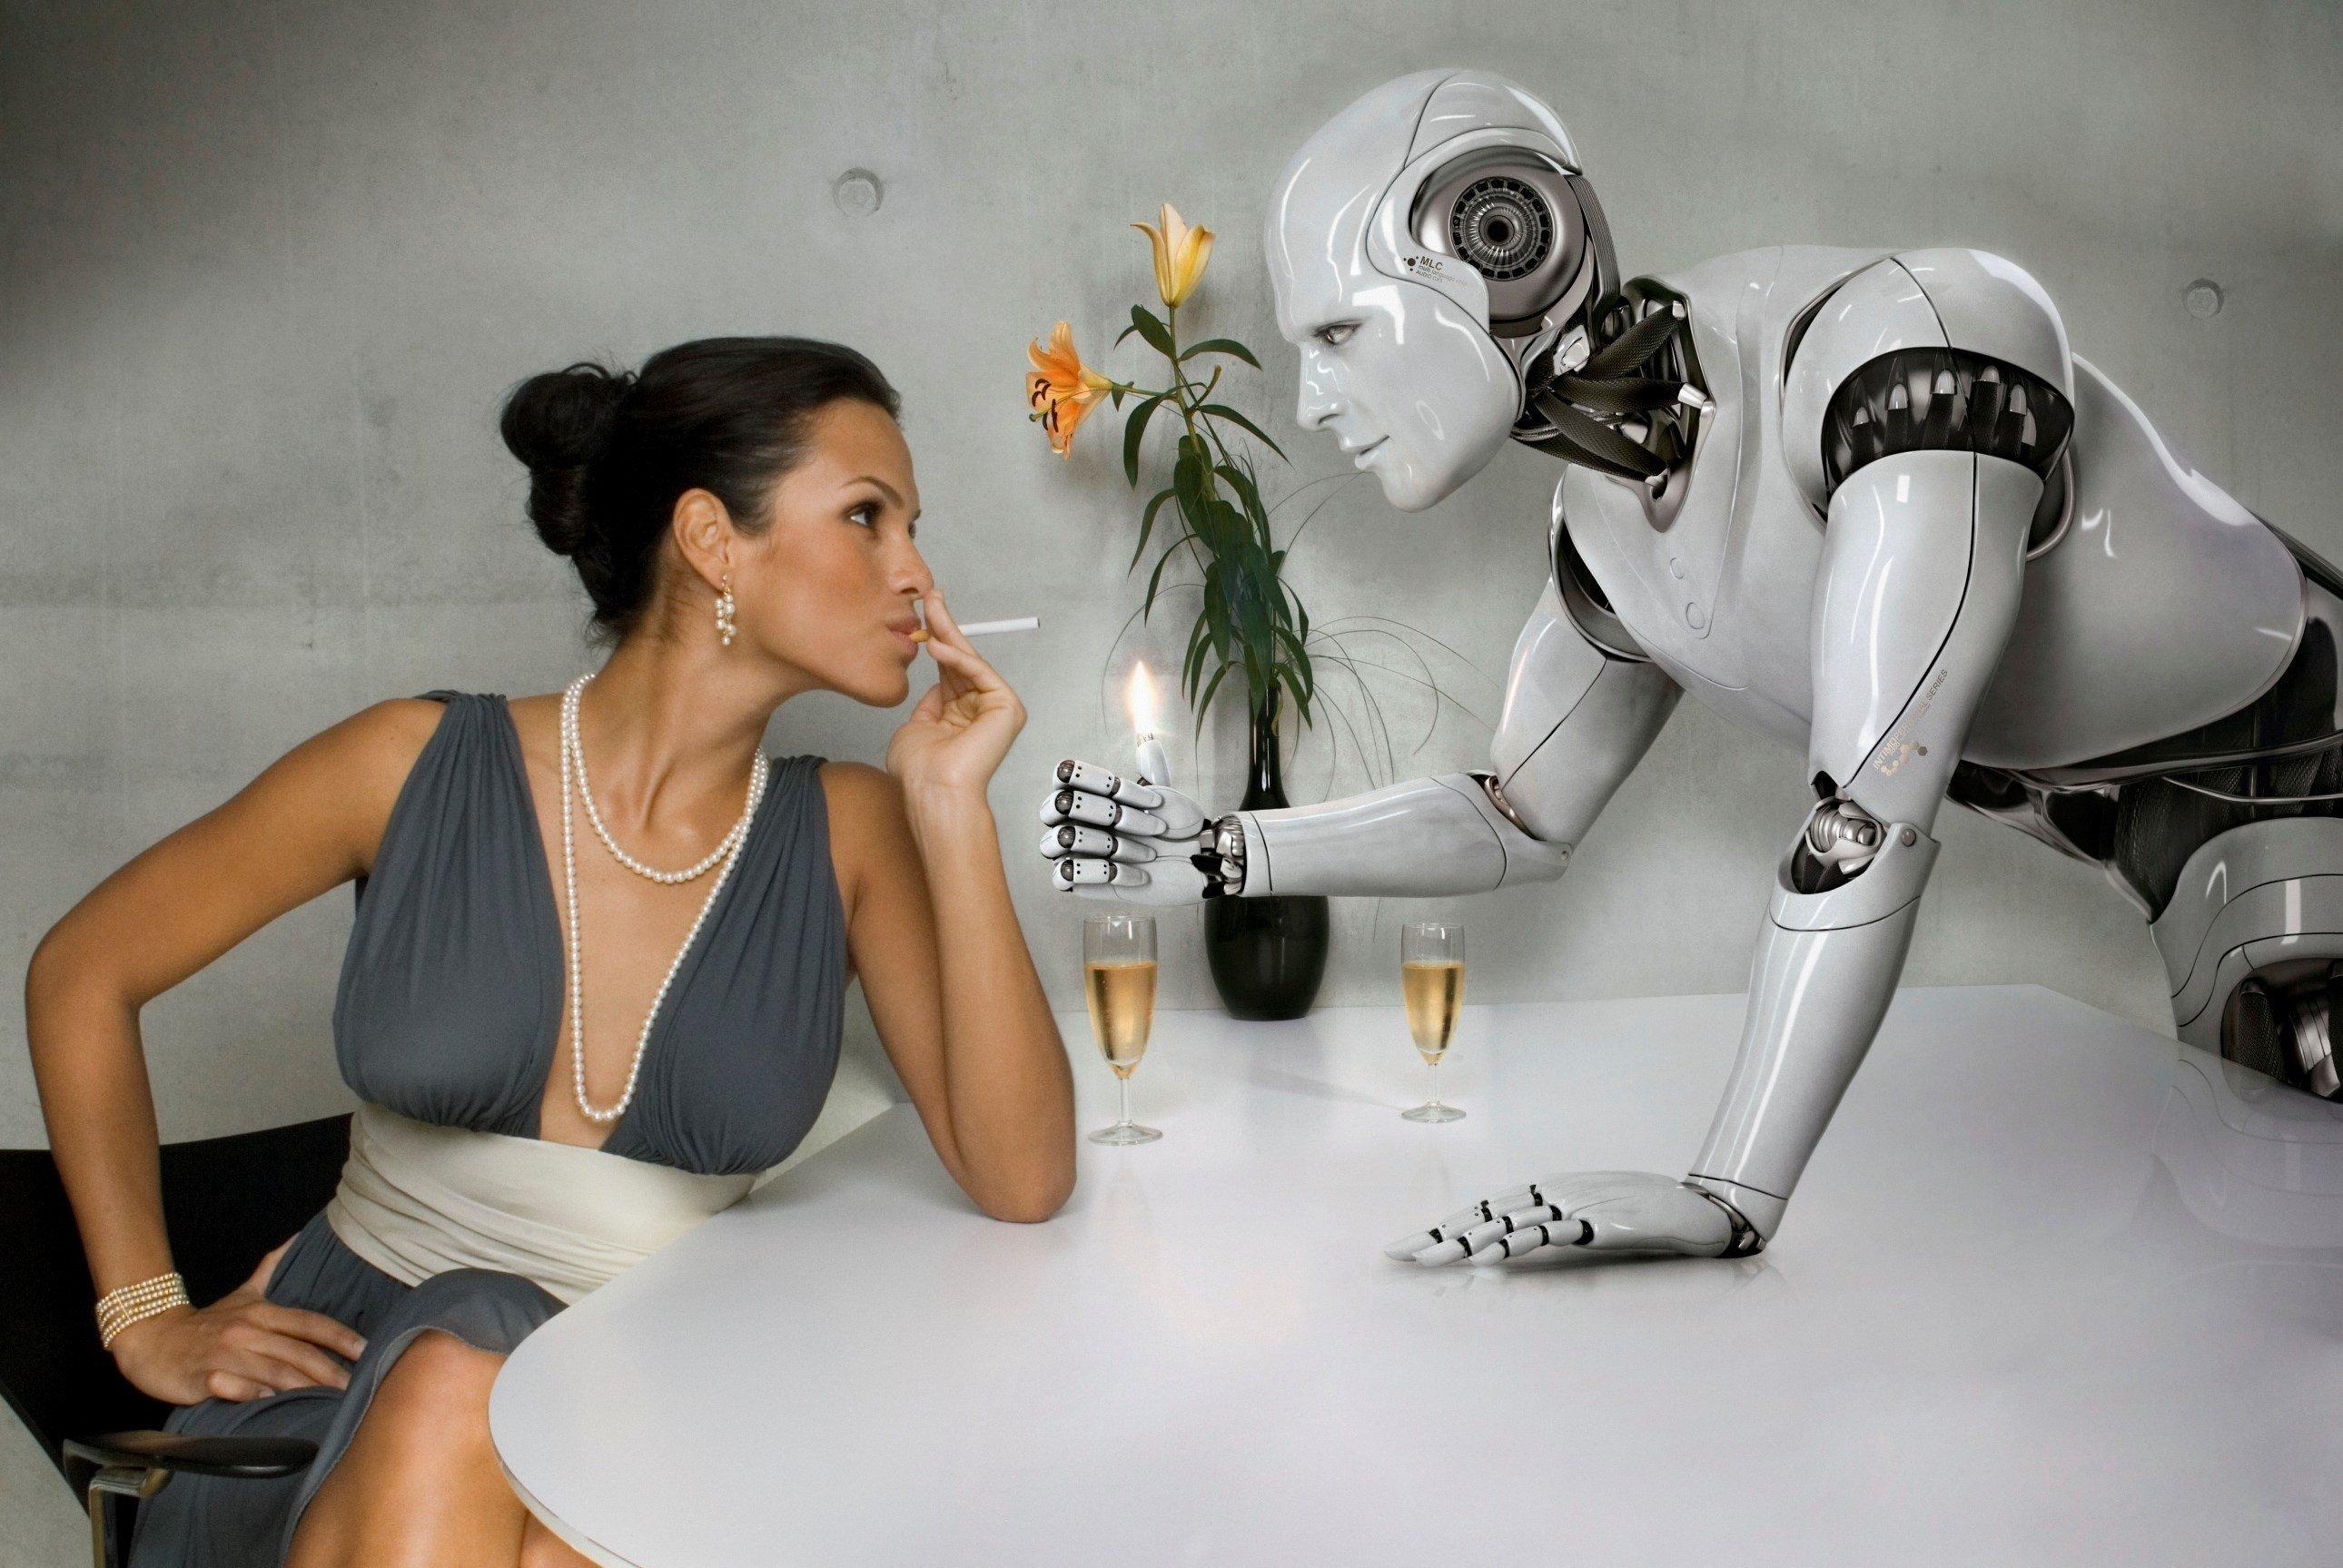 что робот трахает человека как